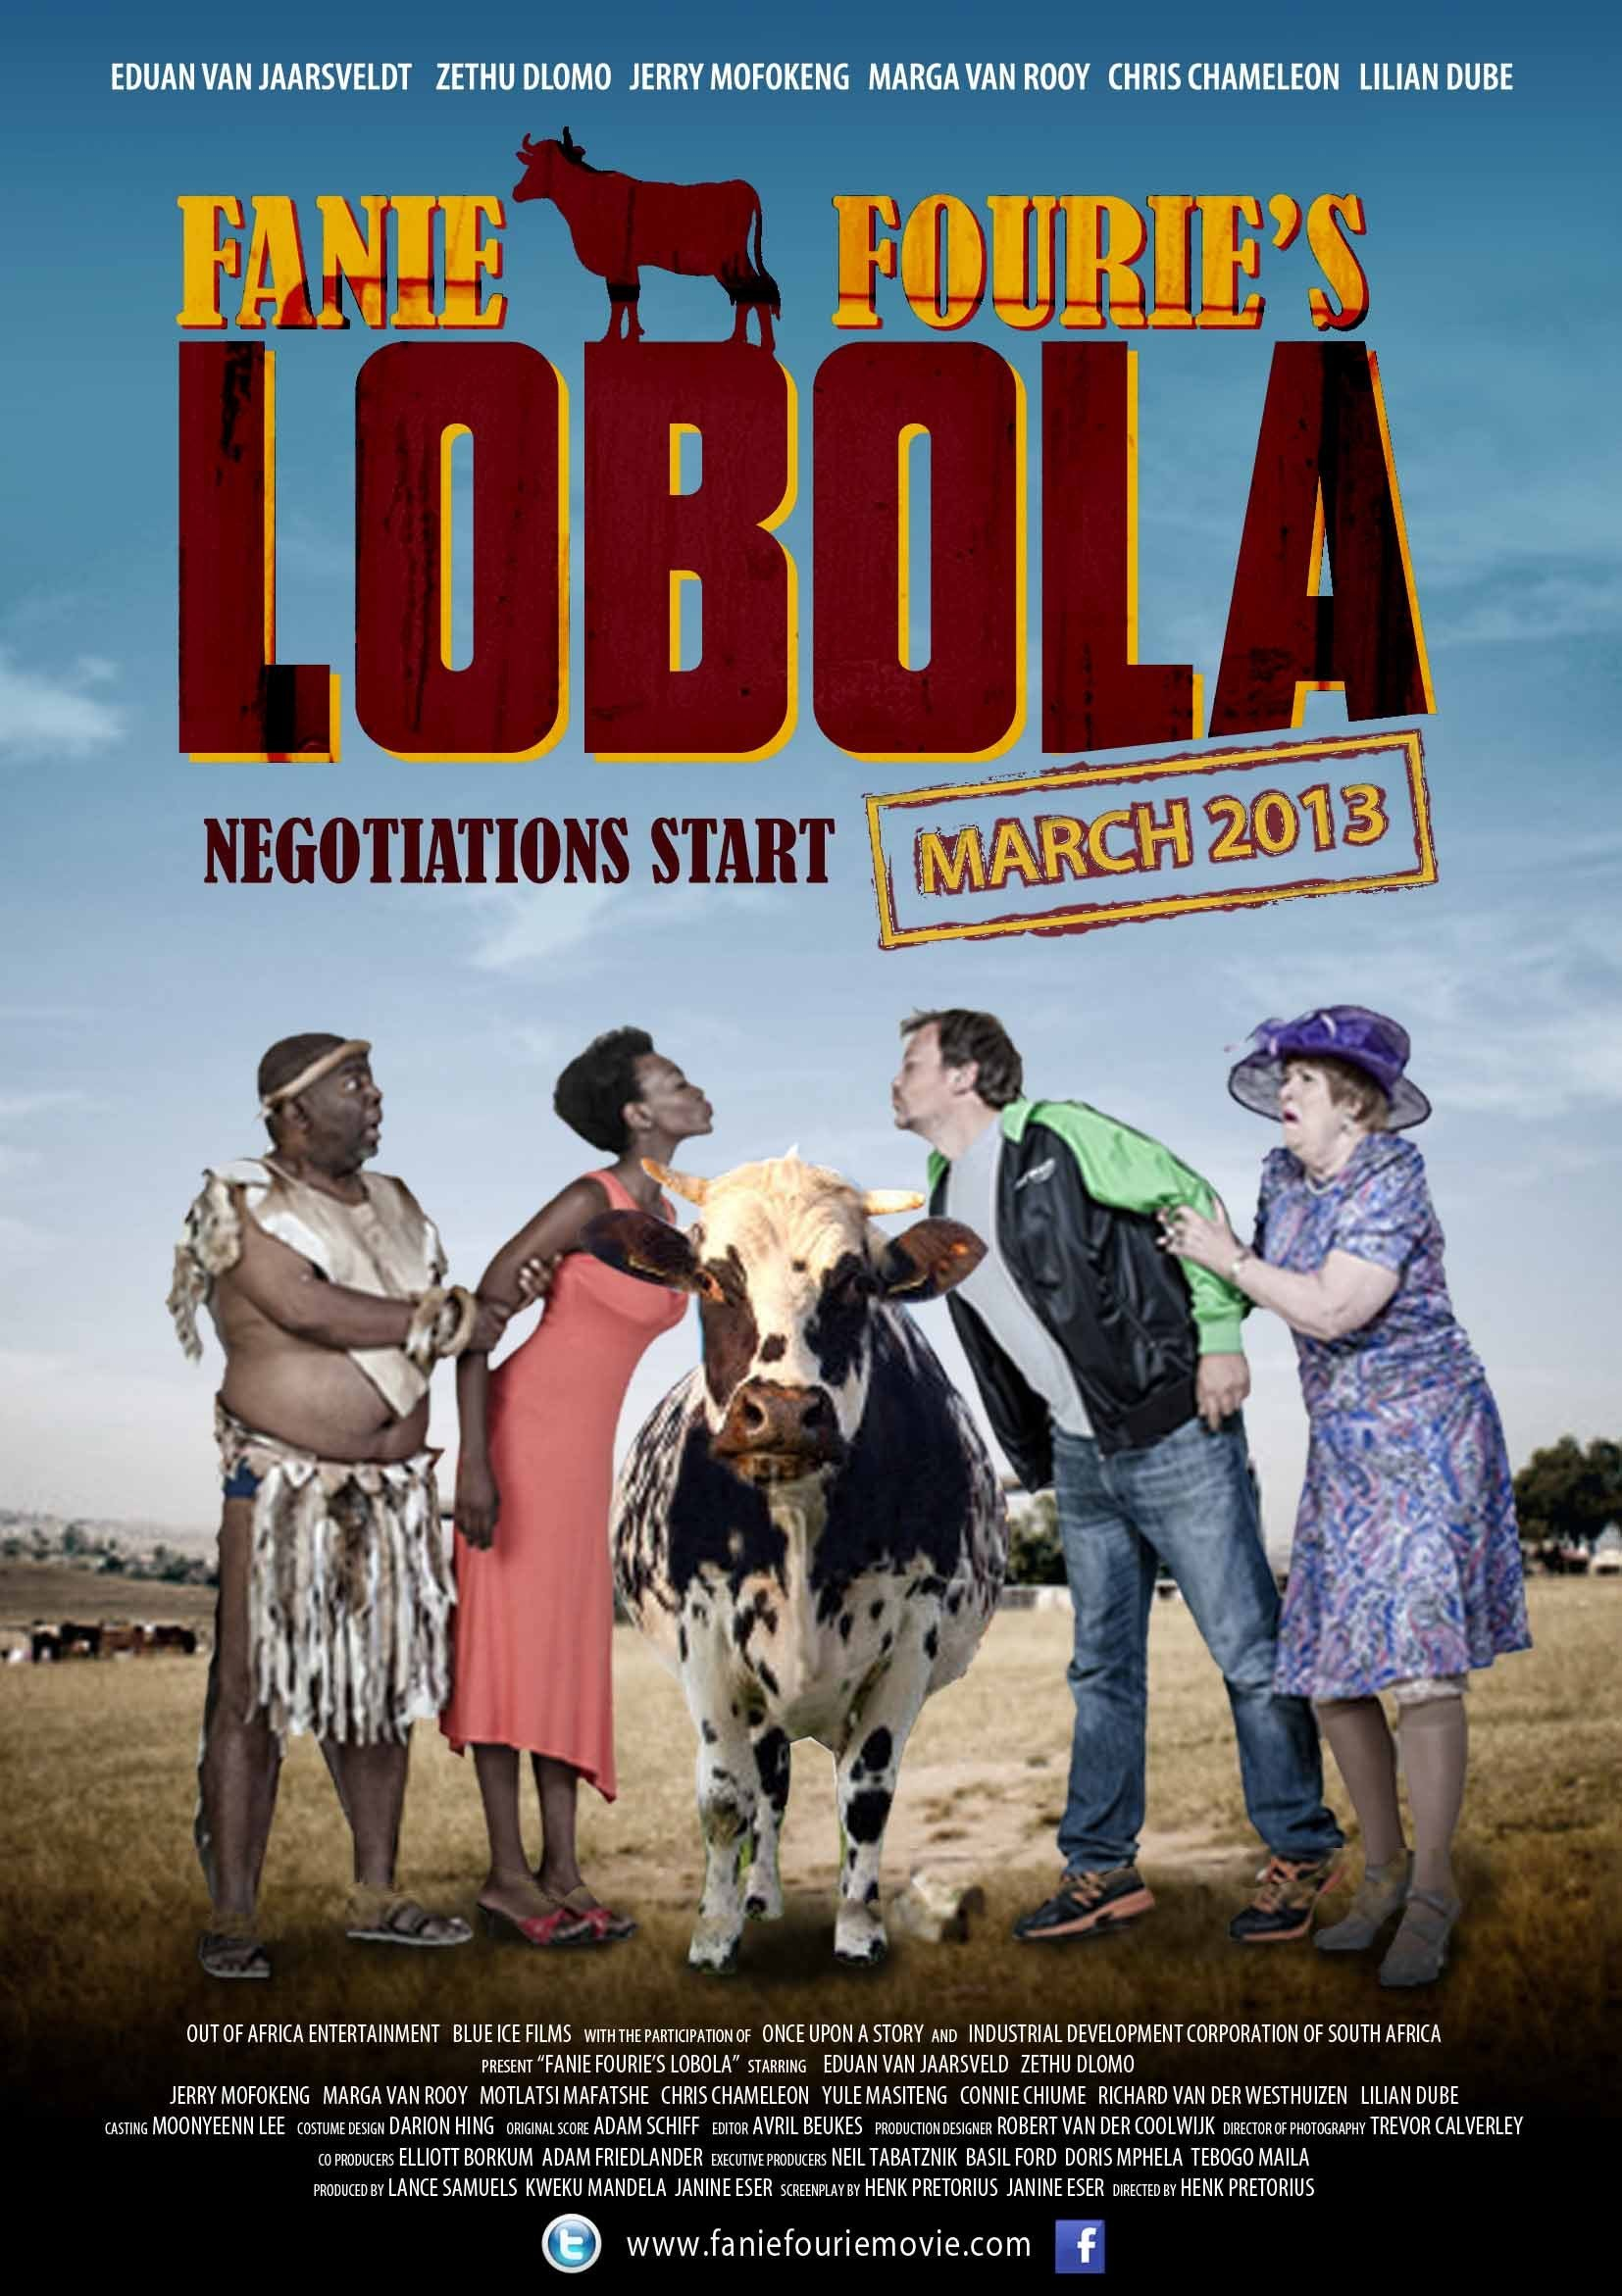 fanie fouries lobola trailer